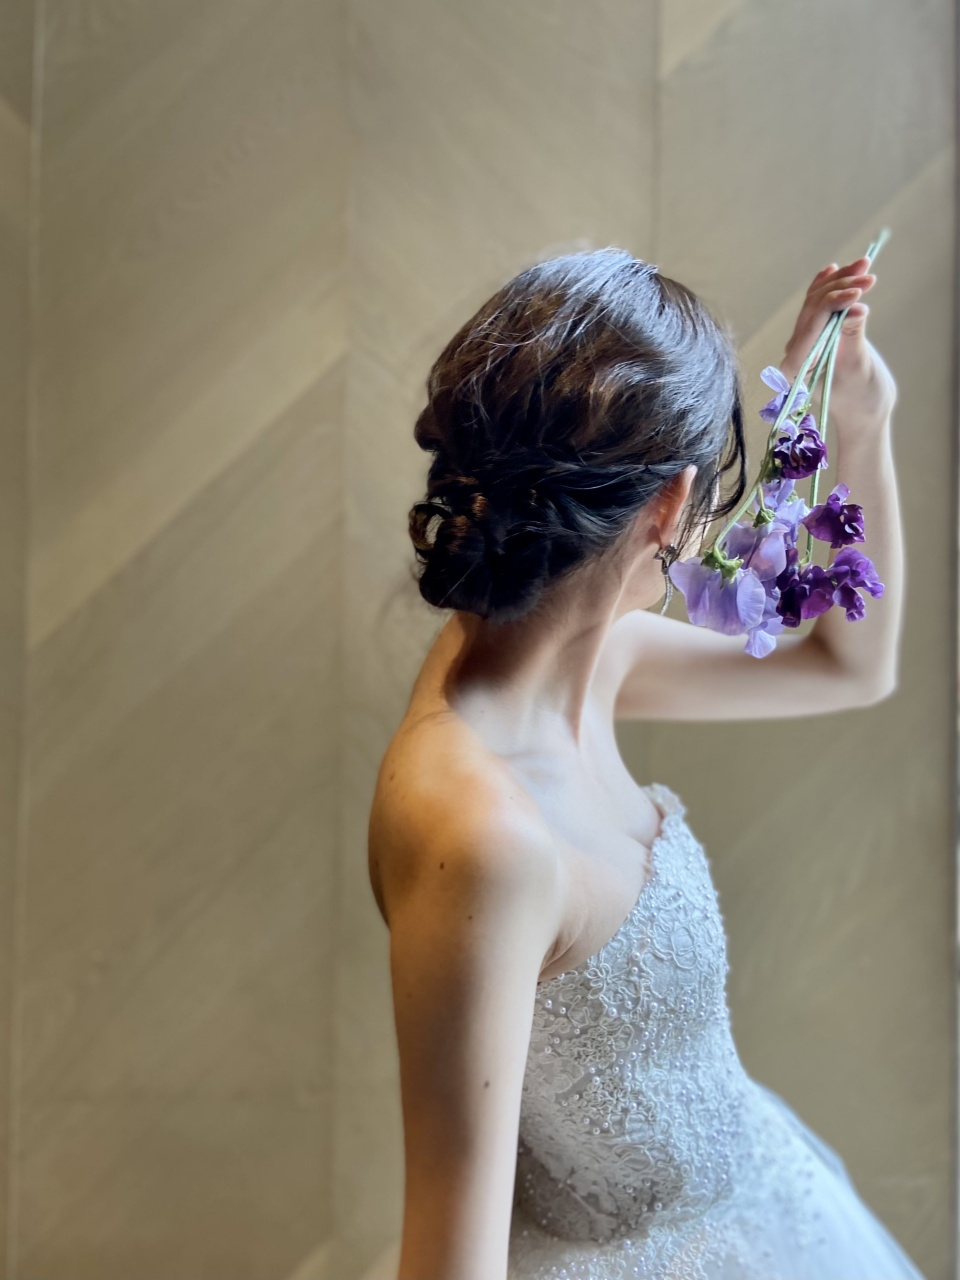 女性らしいレースやビーディングが華やかなAラインのウェディングドレスは、ウィズザスタイルのナチュラルで温かみのある雰囲気にぴったり